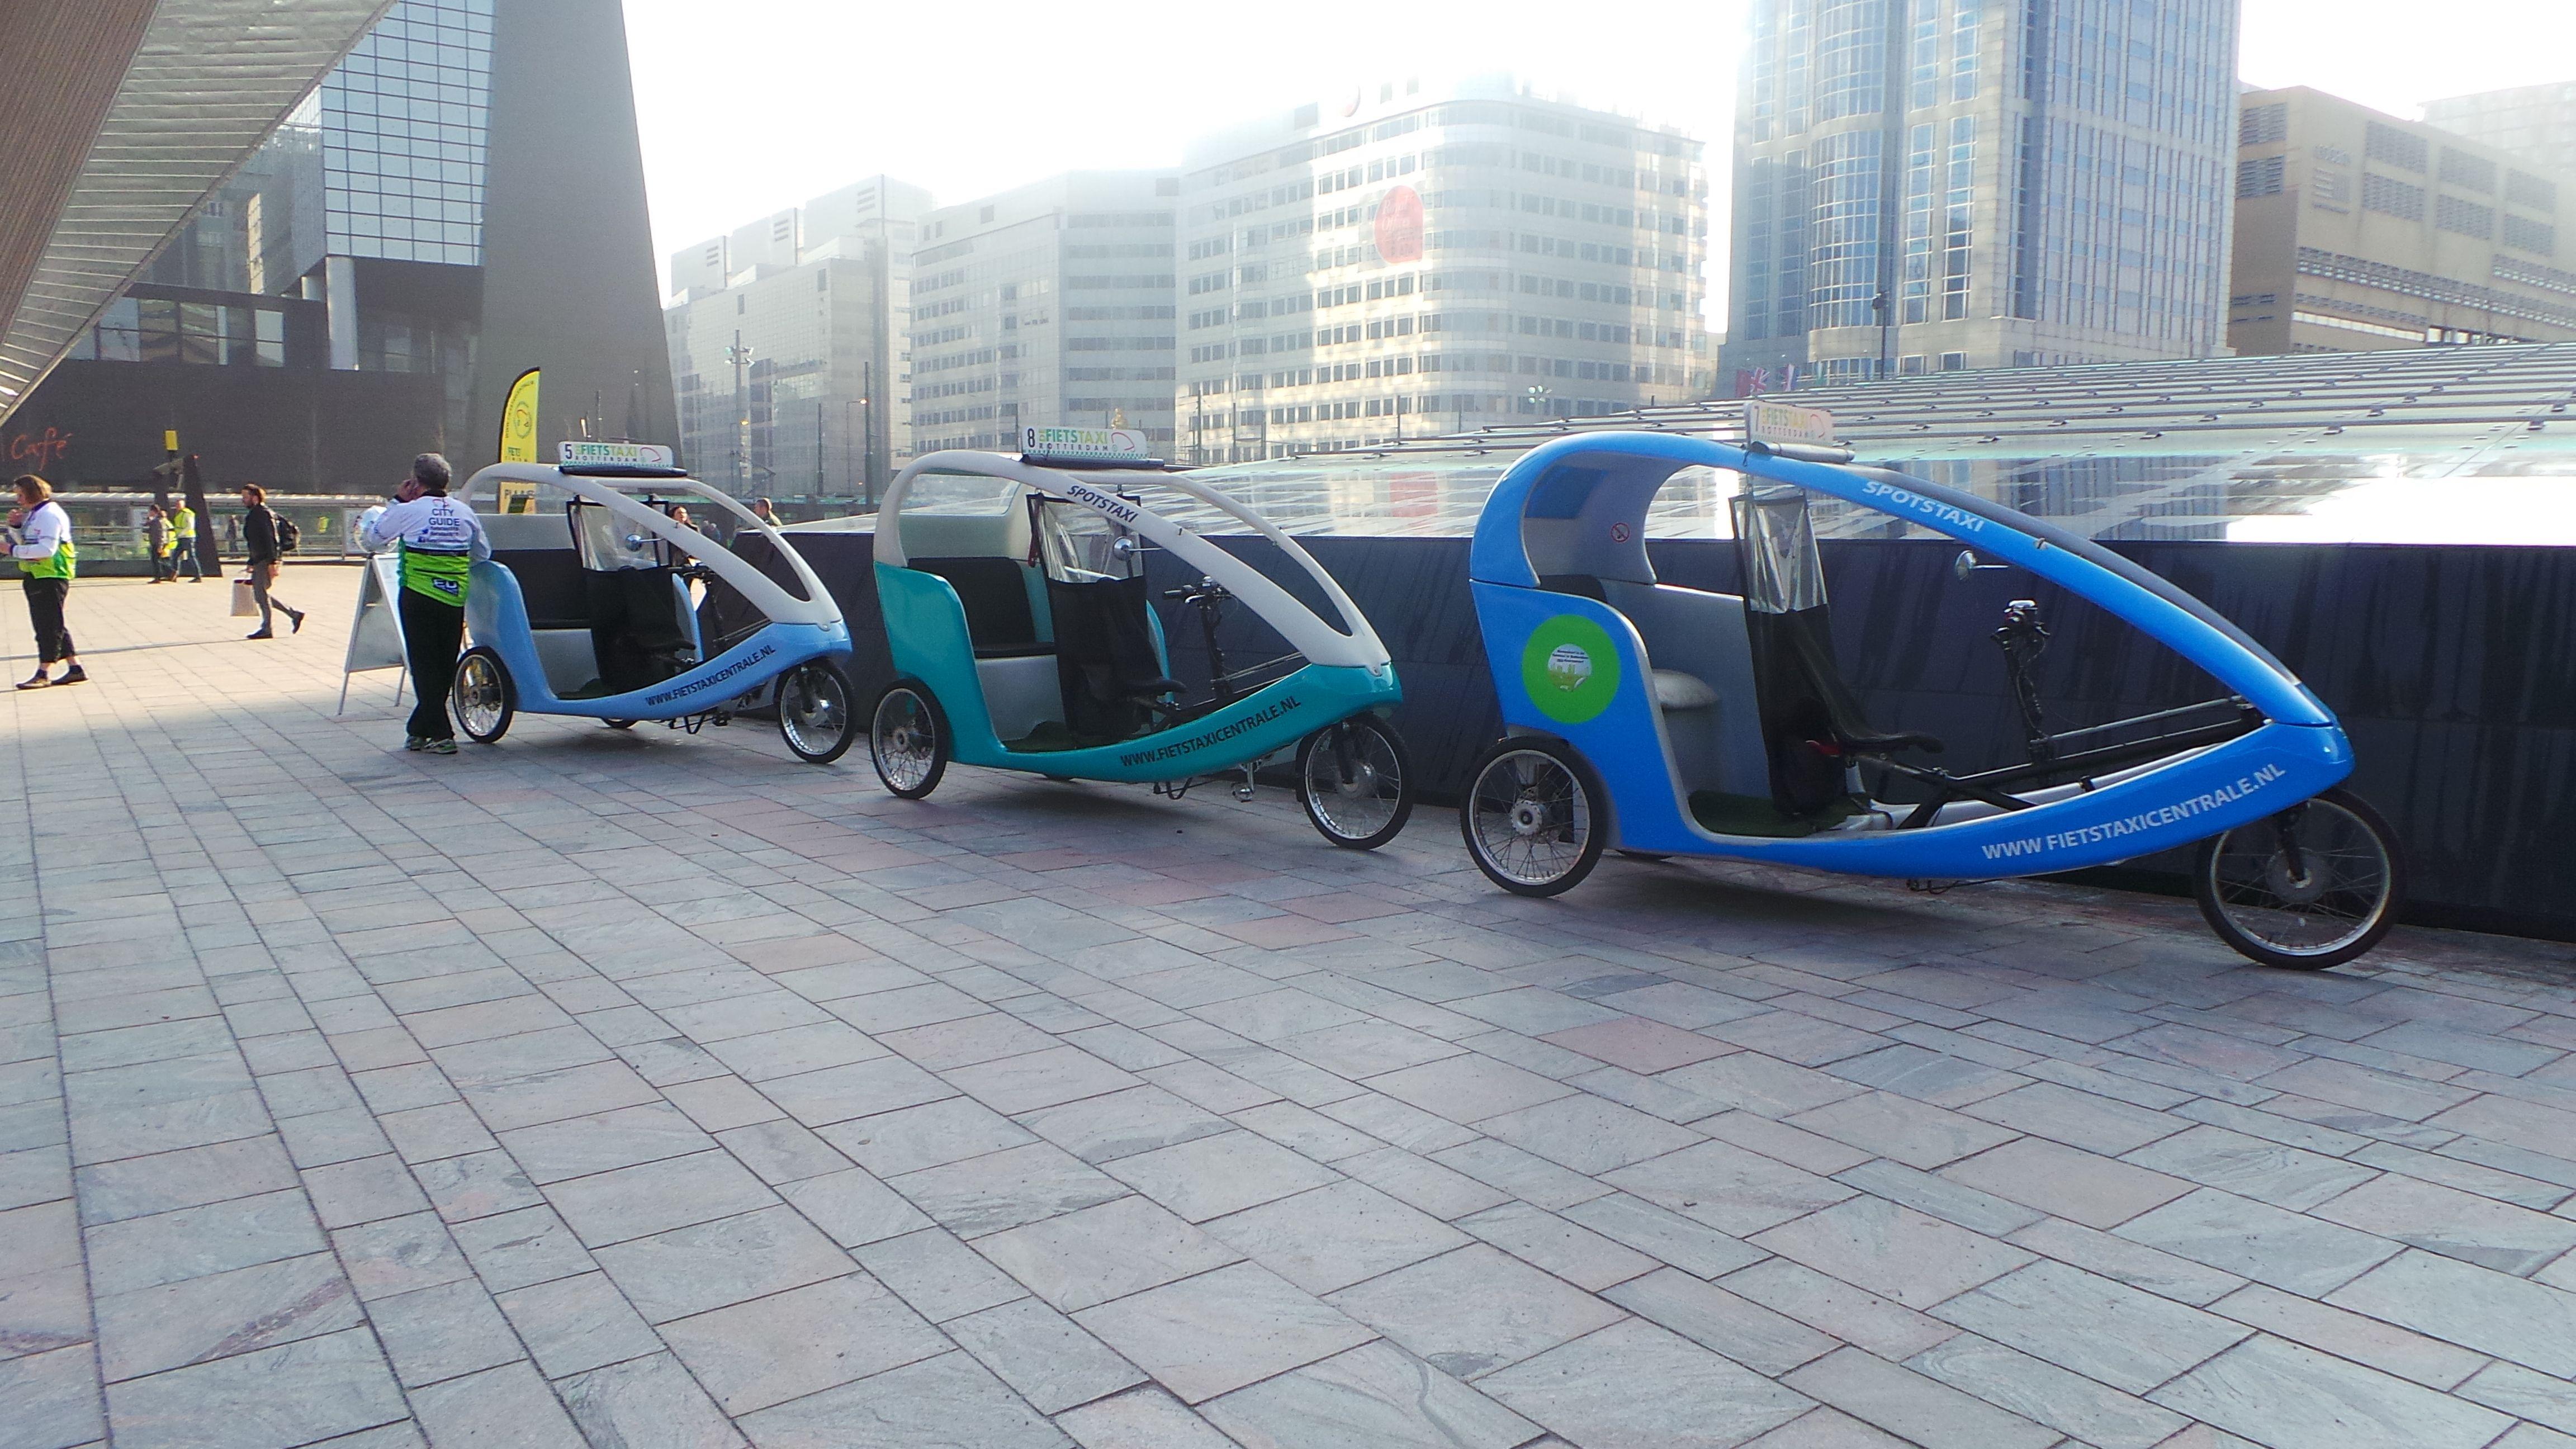 Dit zijn fietstaxi's op het nieuwe Centraal Station Rotterdam en dit is hun officiële standplaats. Maak een gezellig tour door Rotterdam met deze leuke taxi's!